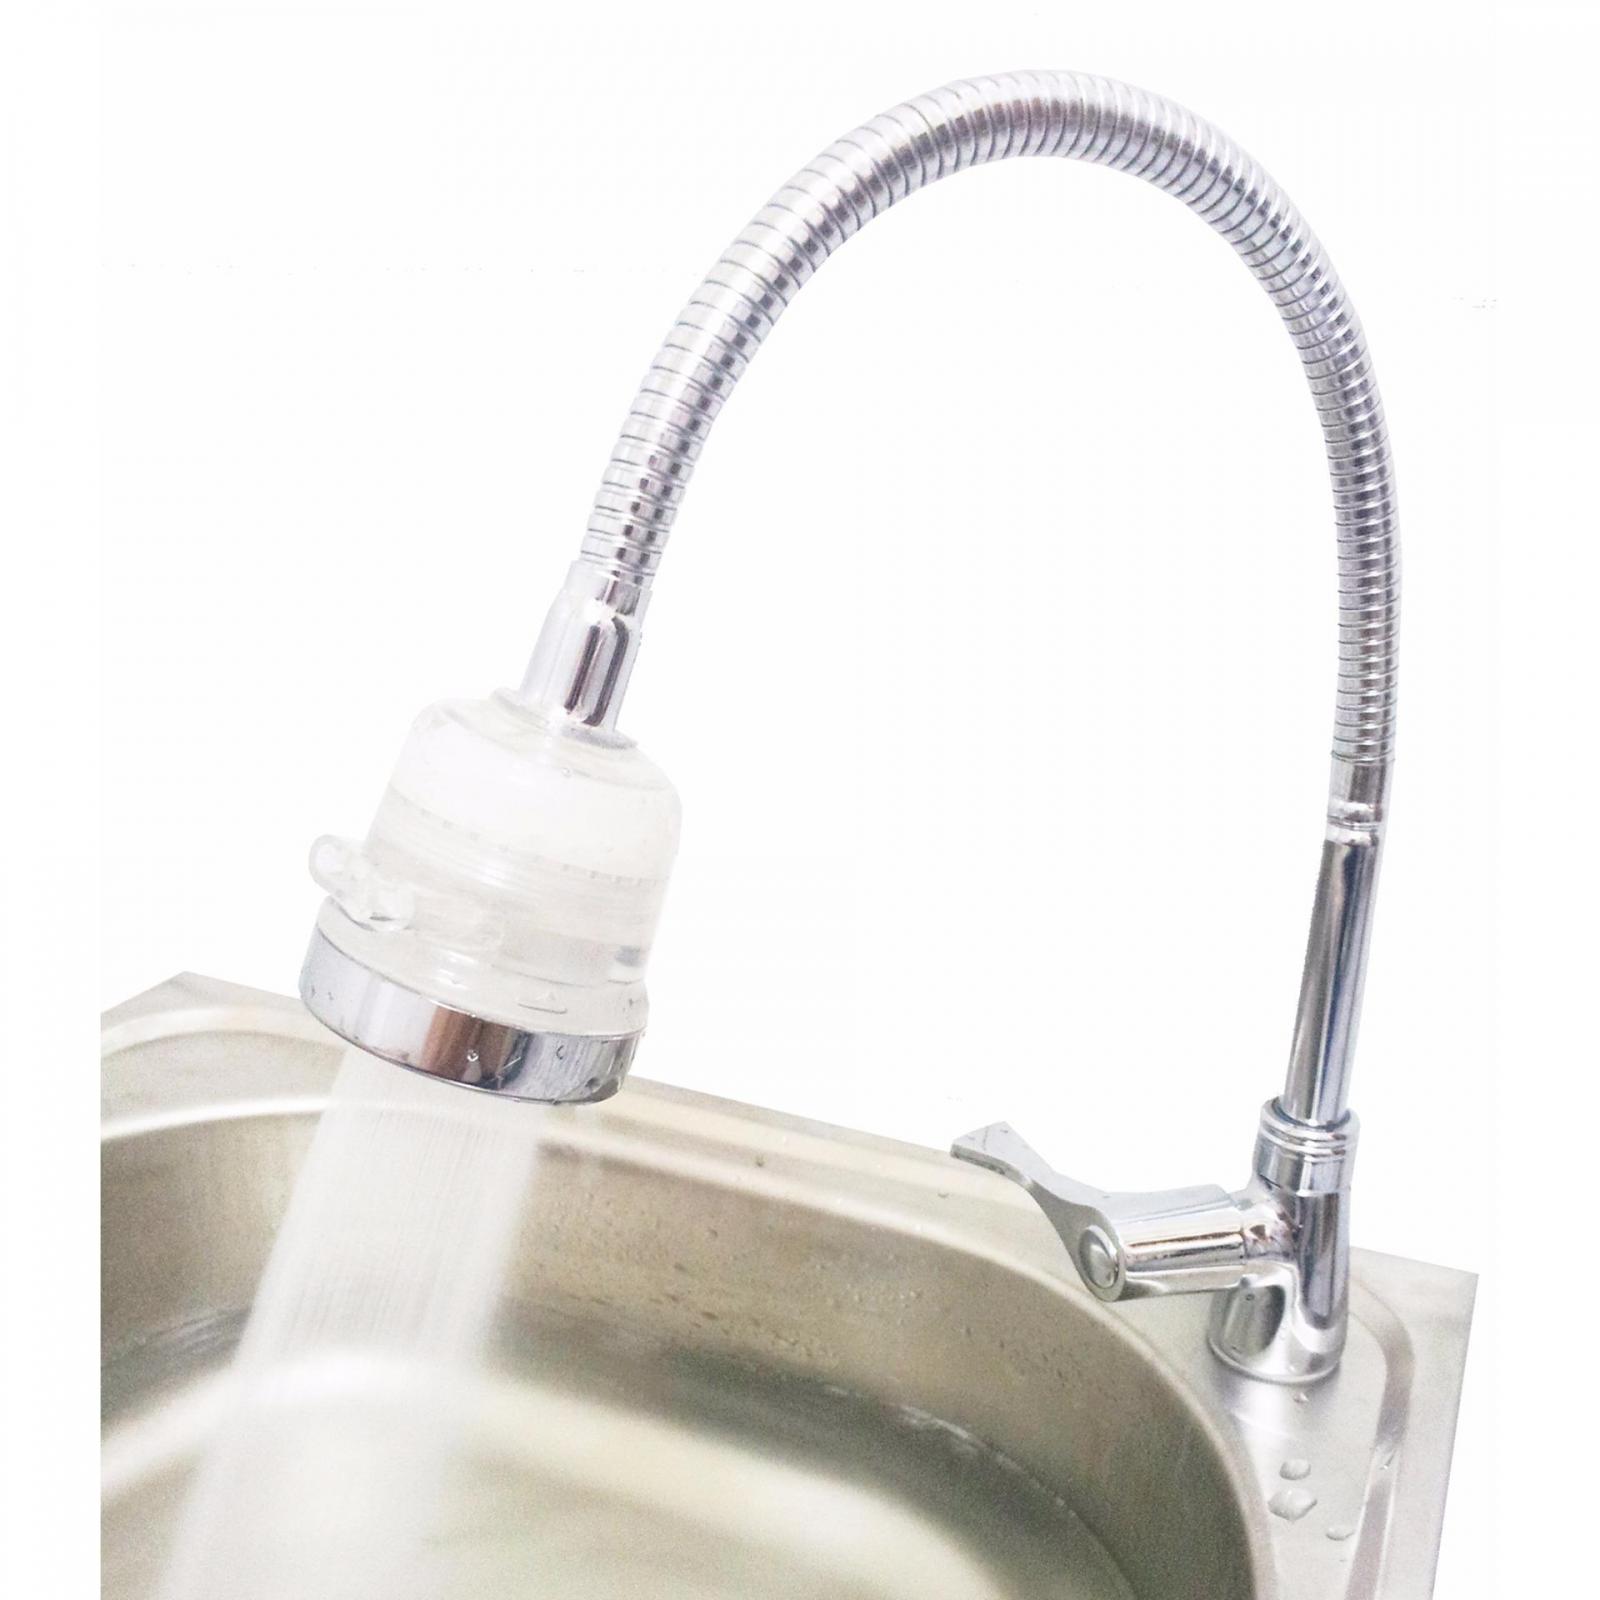 Vòi rửa chén lò xo - Bạn đồng hành mới cho không gian nhà bếp